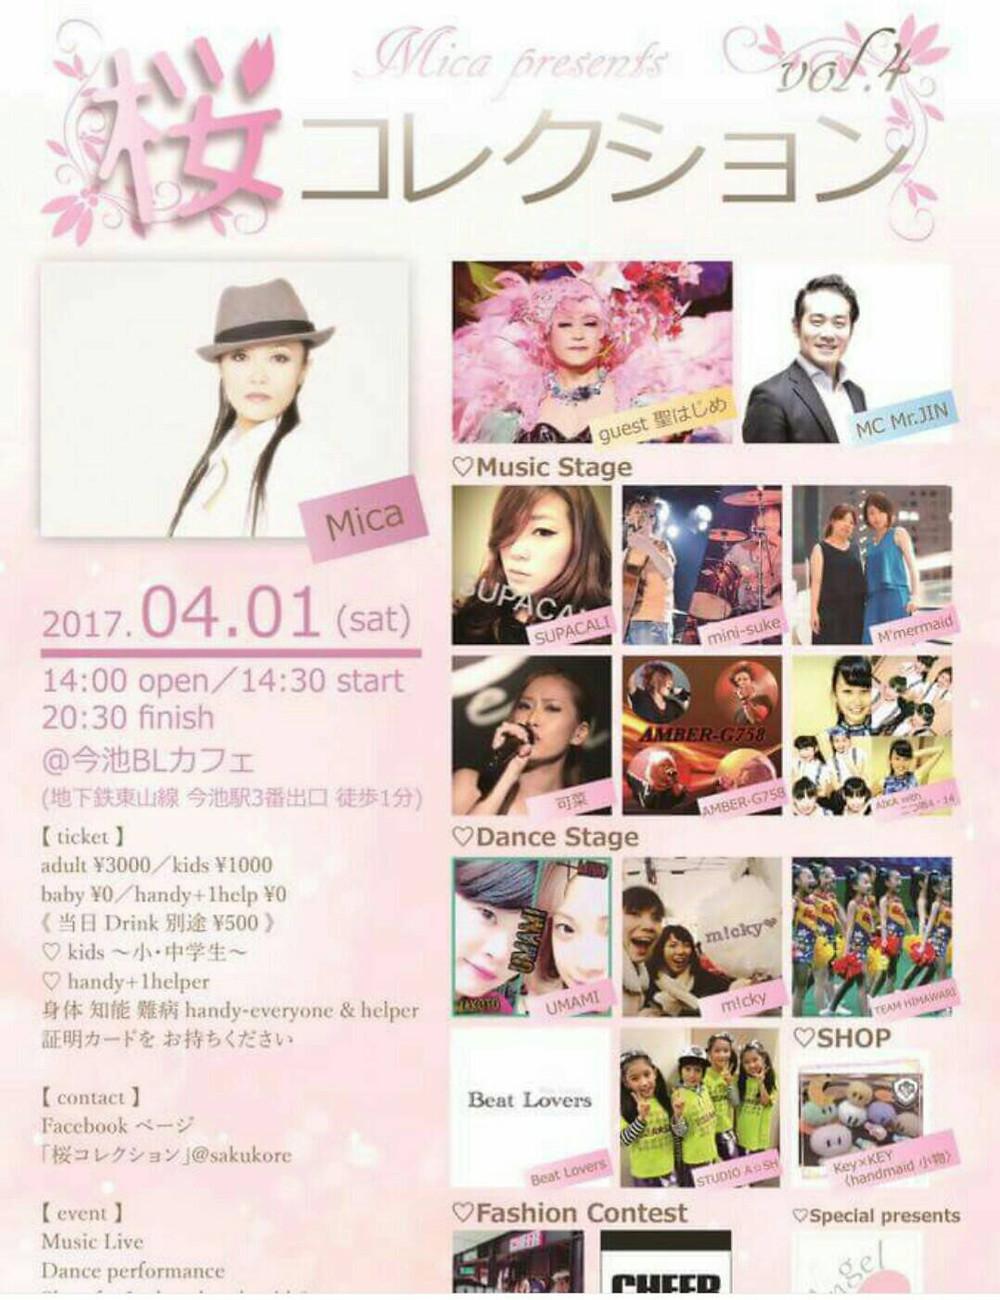 4月1日、今池BLカフェにて開催される「桜コレクション」にMusic部門へAika with 二つ坂4・14。Dance部門へHIMAWARIセレクトメンバーが出演します。